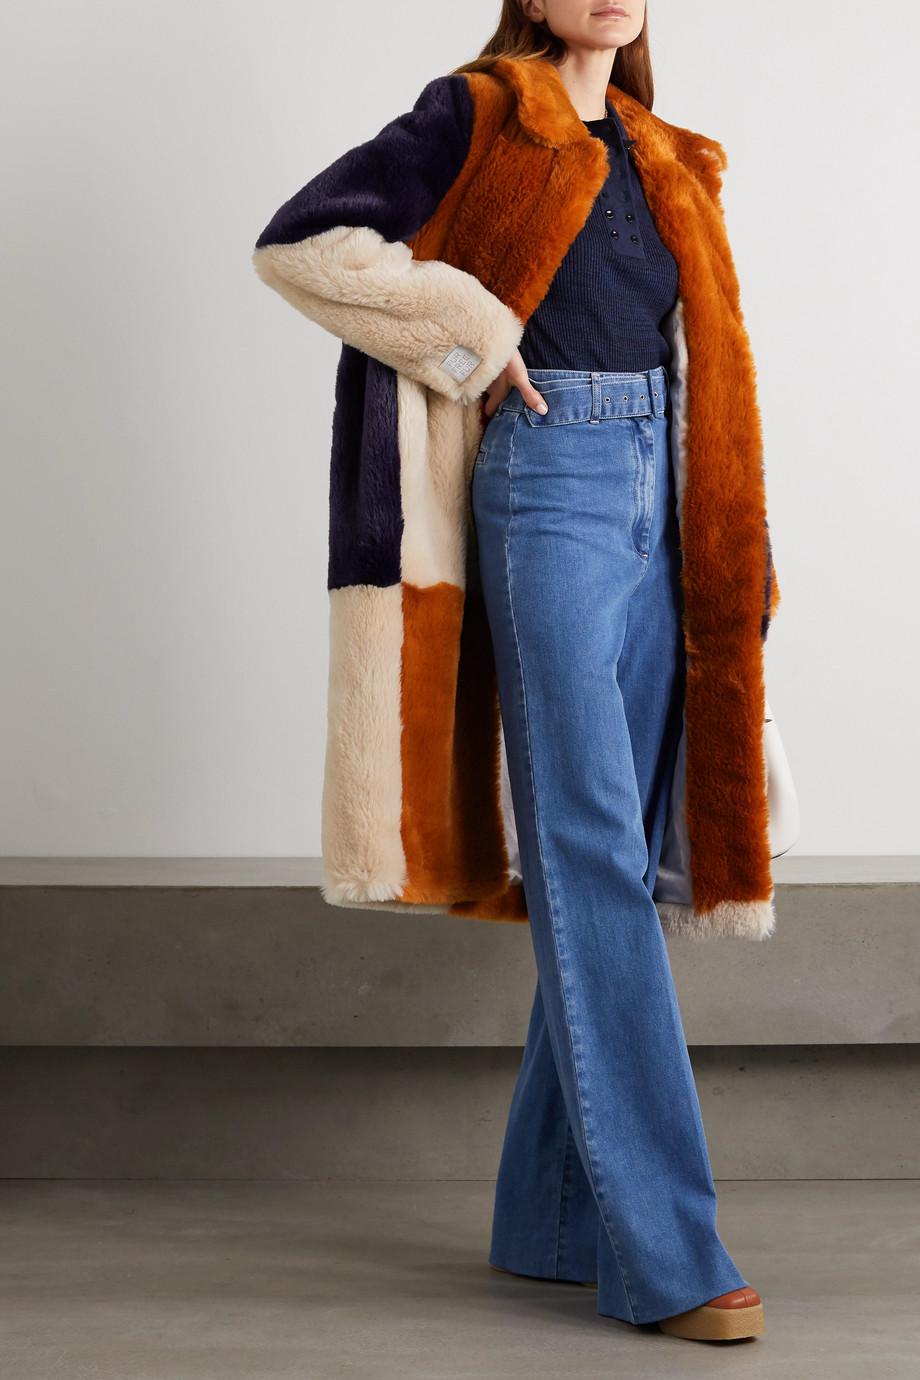 Stella McCartney Adalyn Mantel aus Faux Fur in Patchwork-Optik